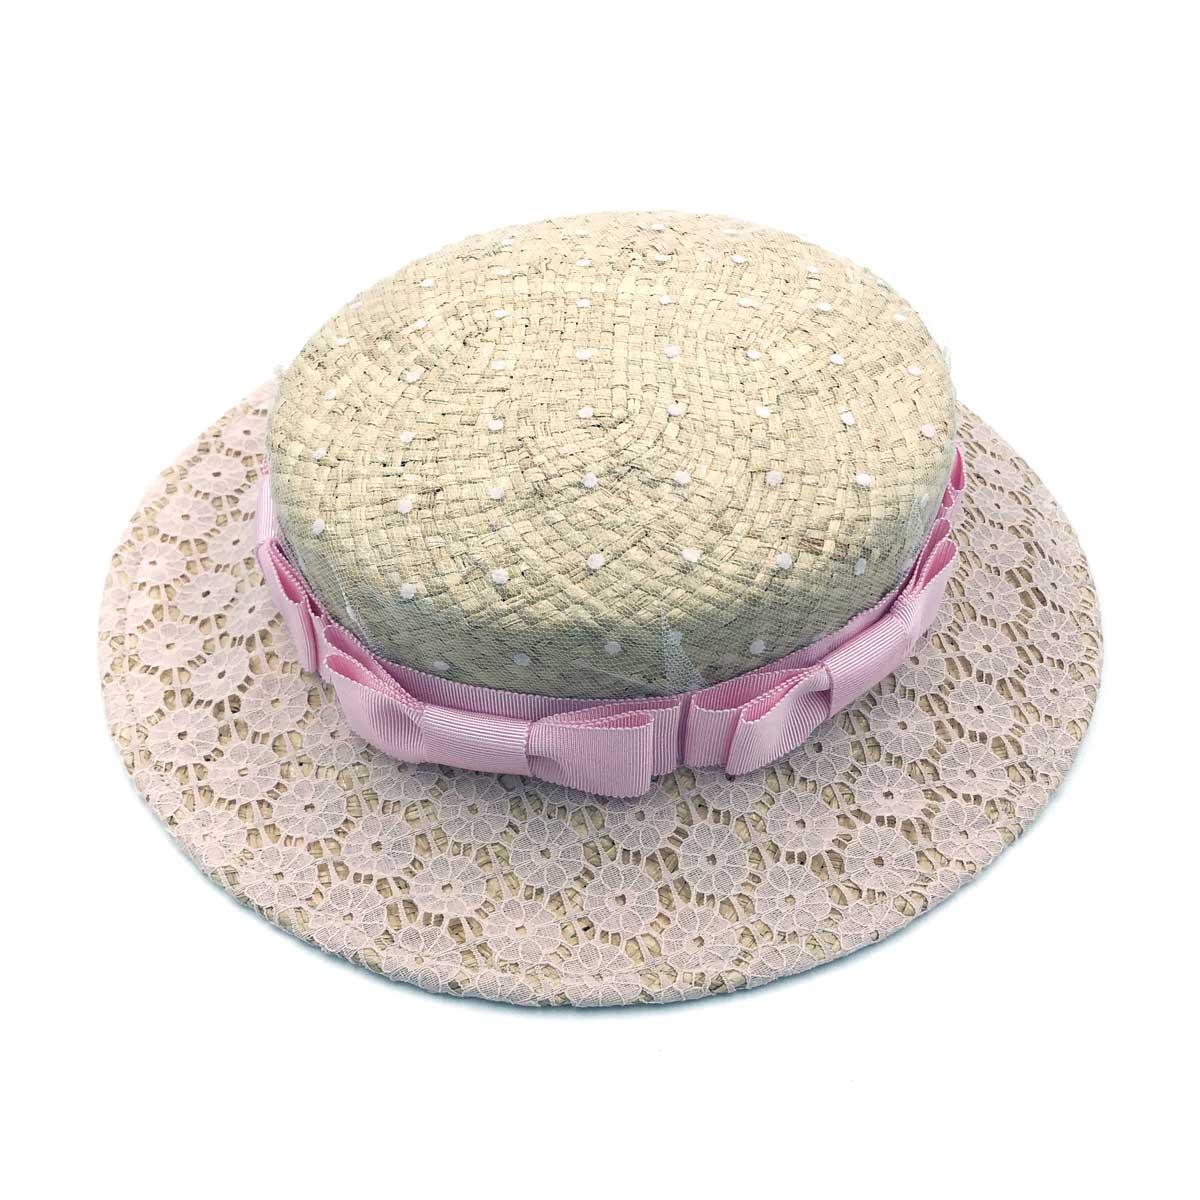 LeonCecilia レオンセシリア おリボン一周レースカンカン帽 (ピンク)